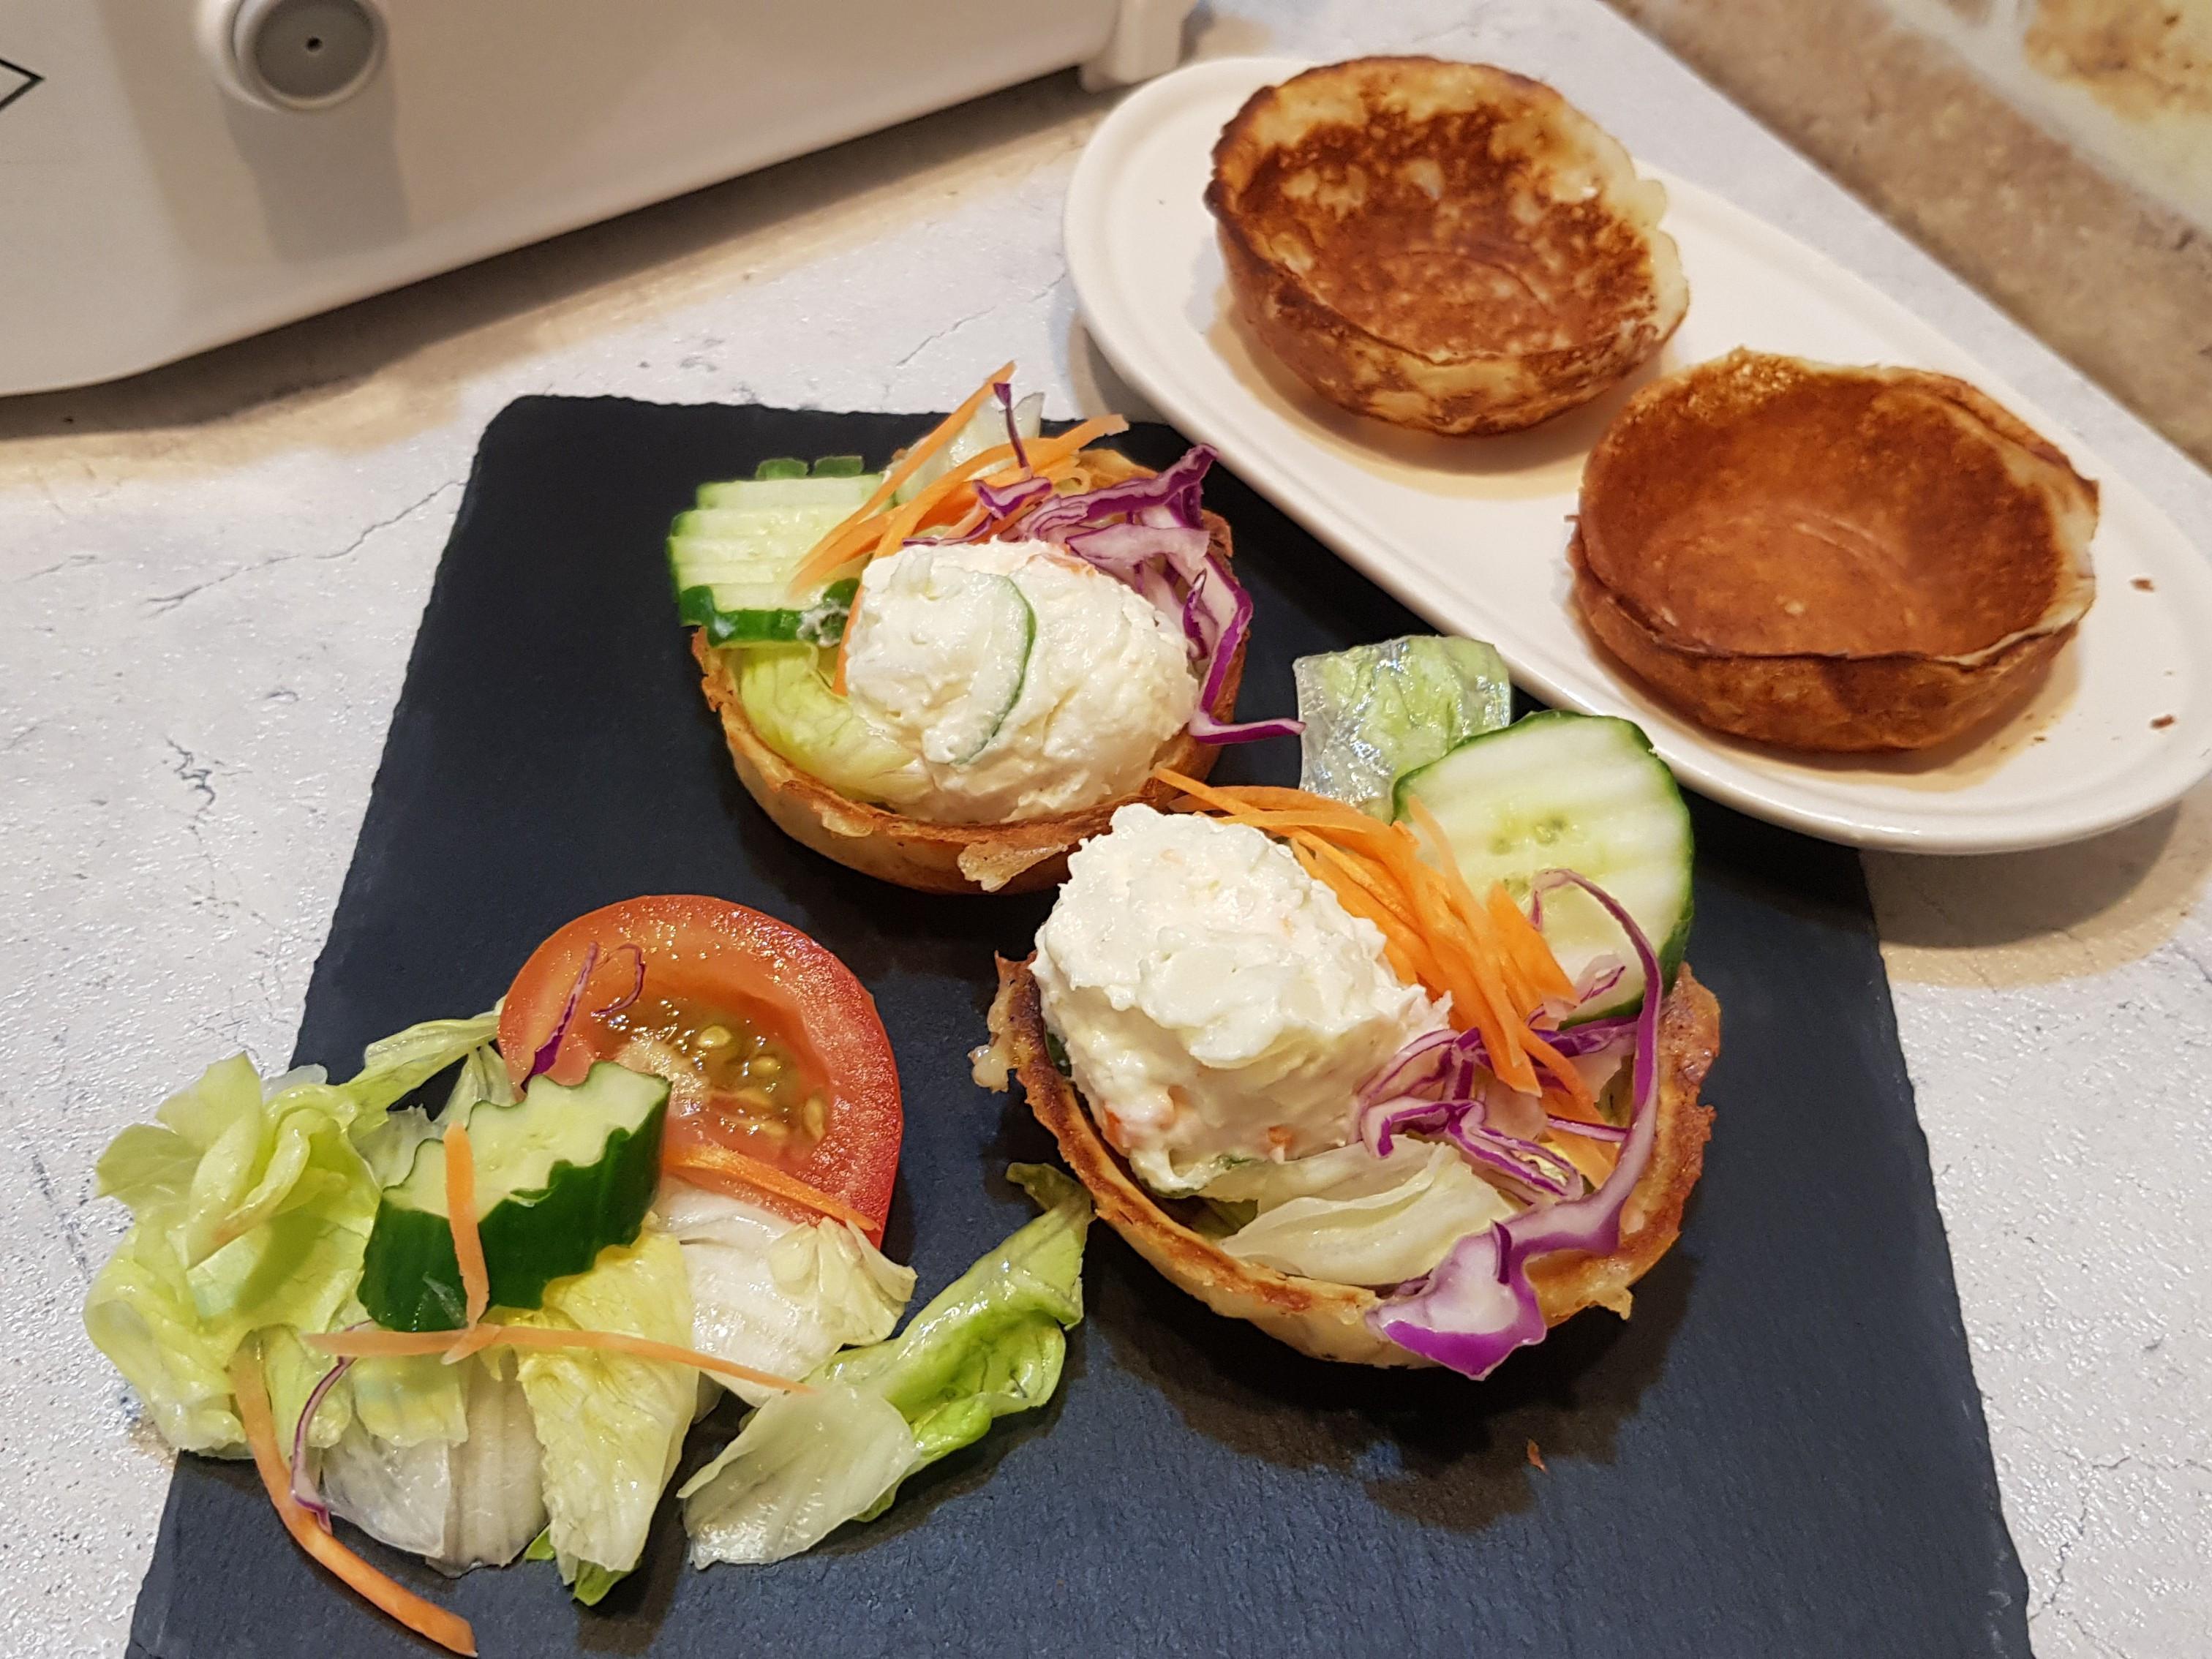 馬鈴薯沙拉塔